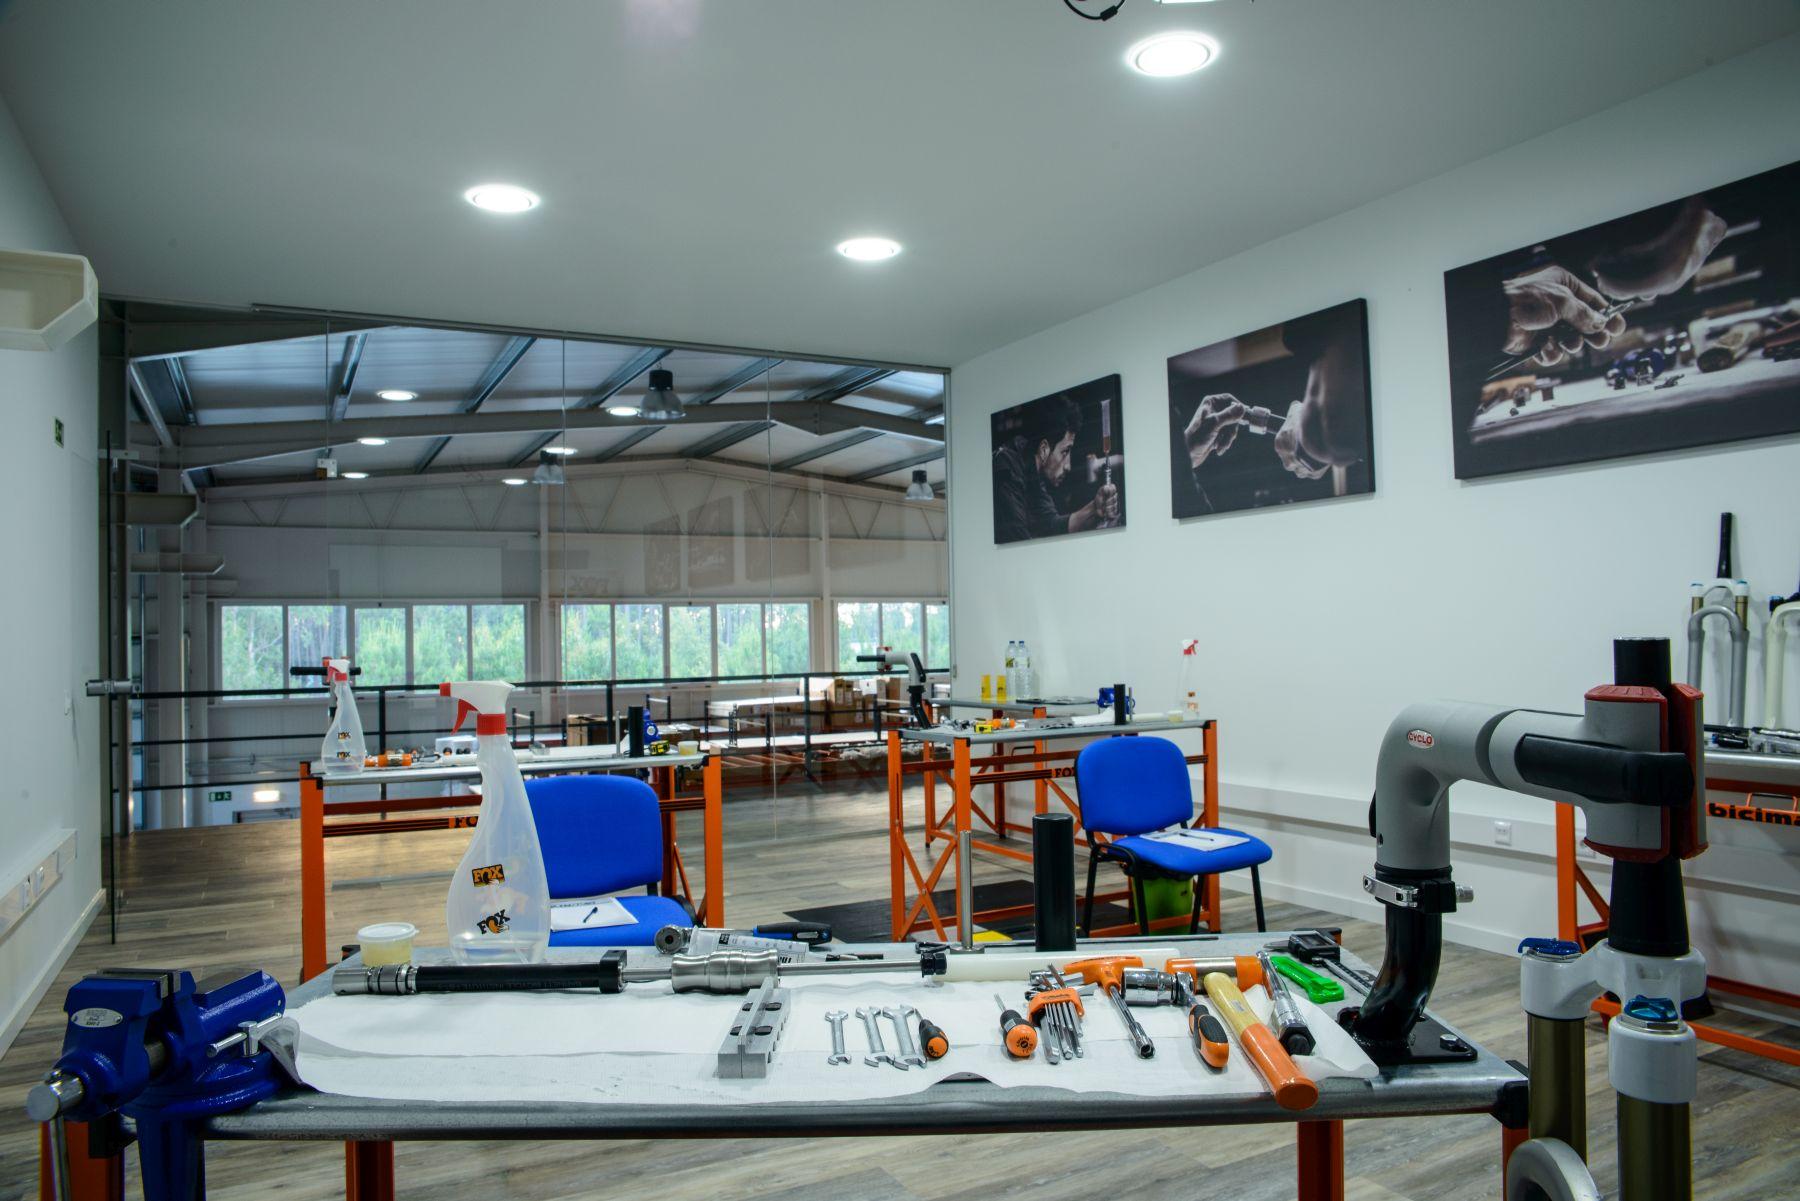 En Bicimax tienen una sala totalmente equipada destinada a formaciones. También realizan cursos de formación por toda España.